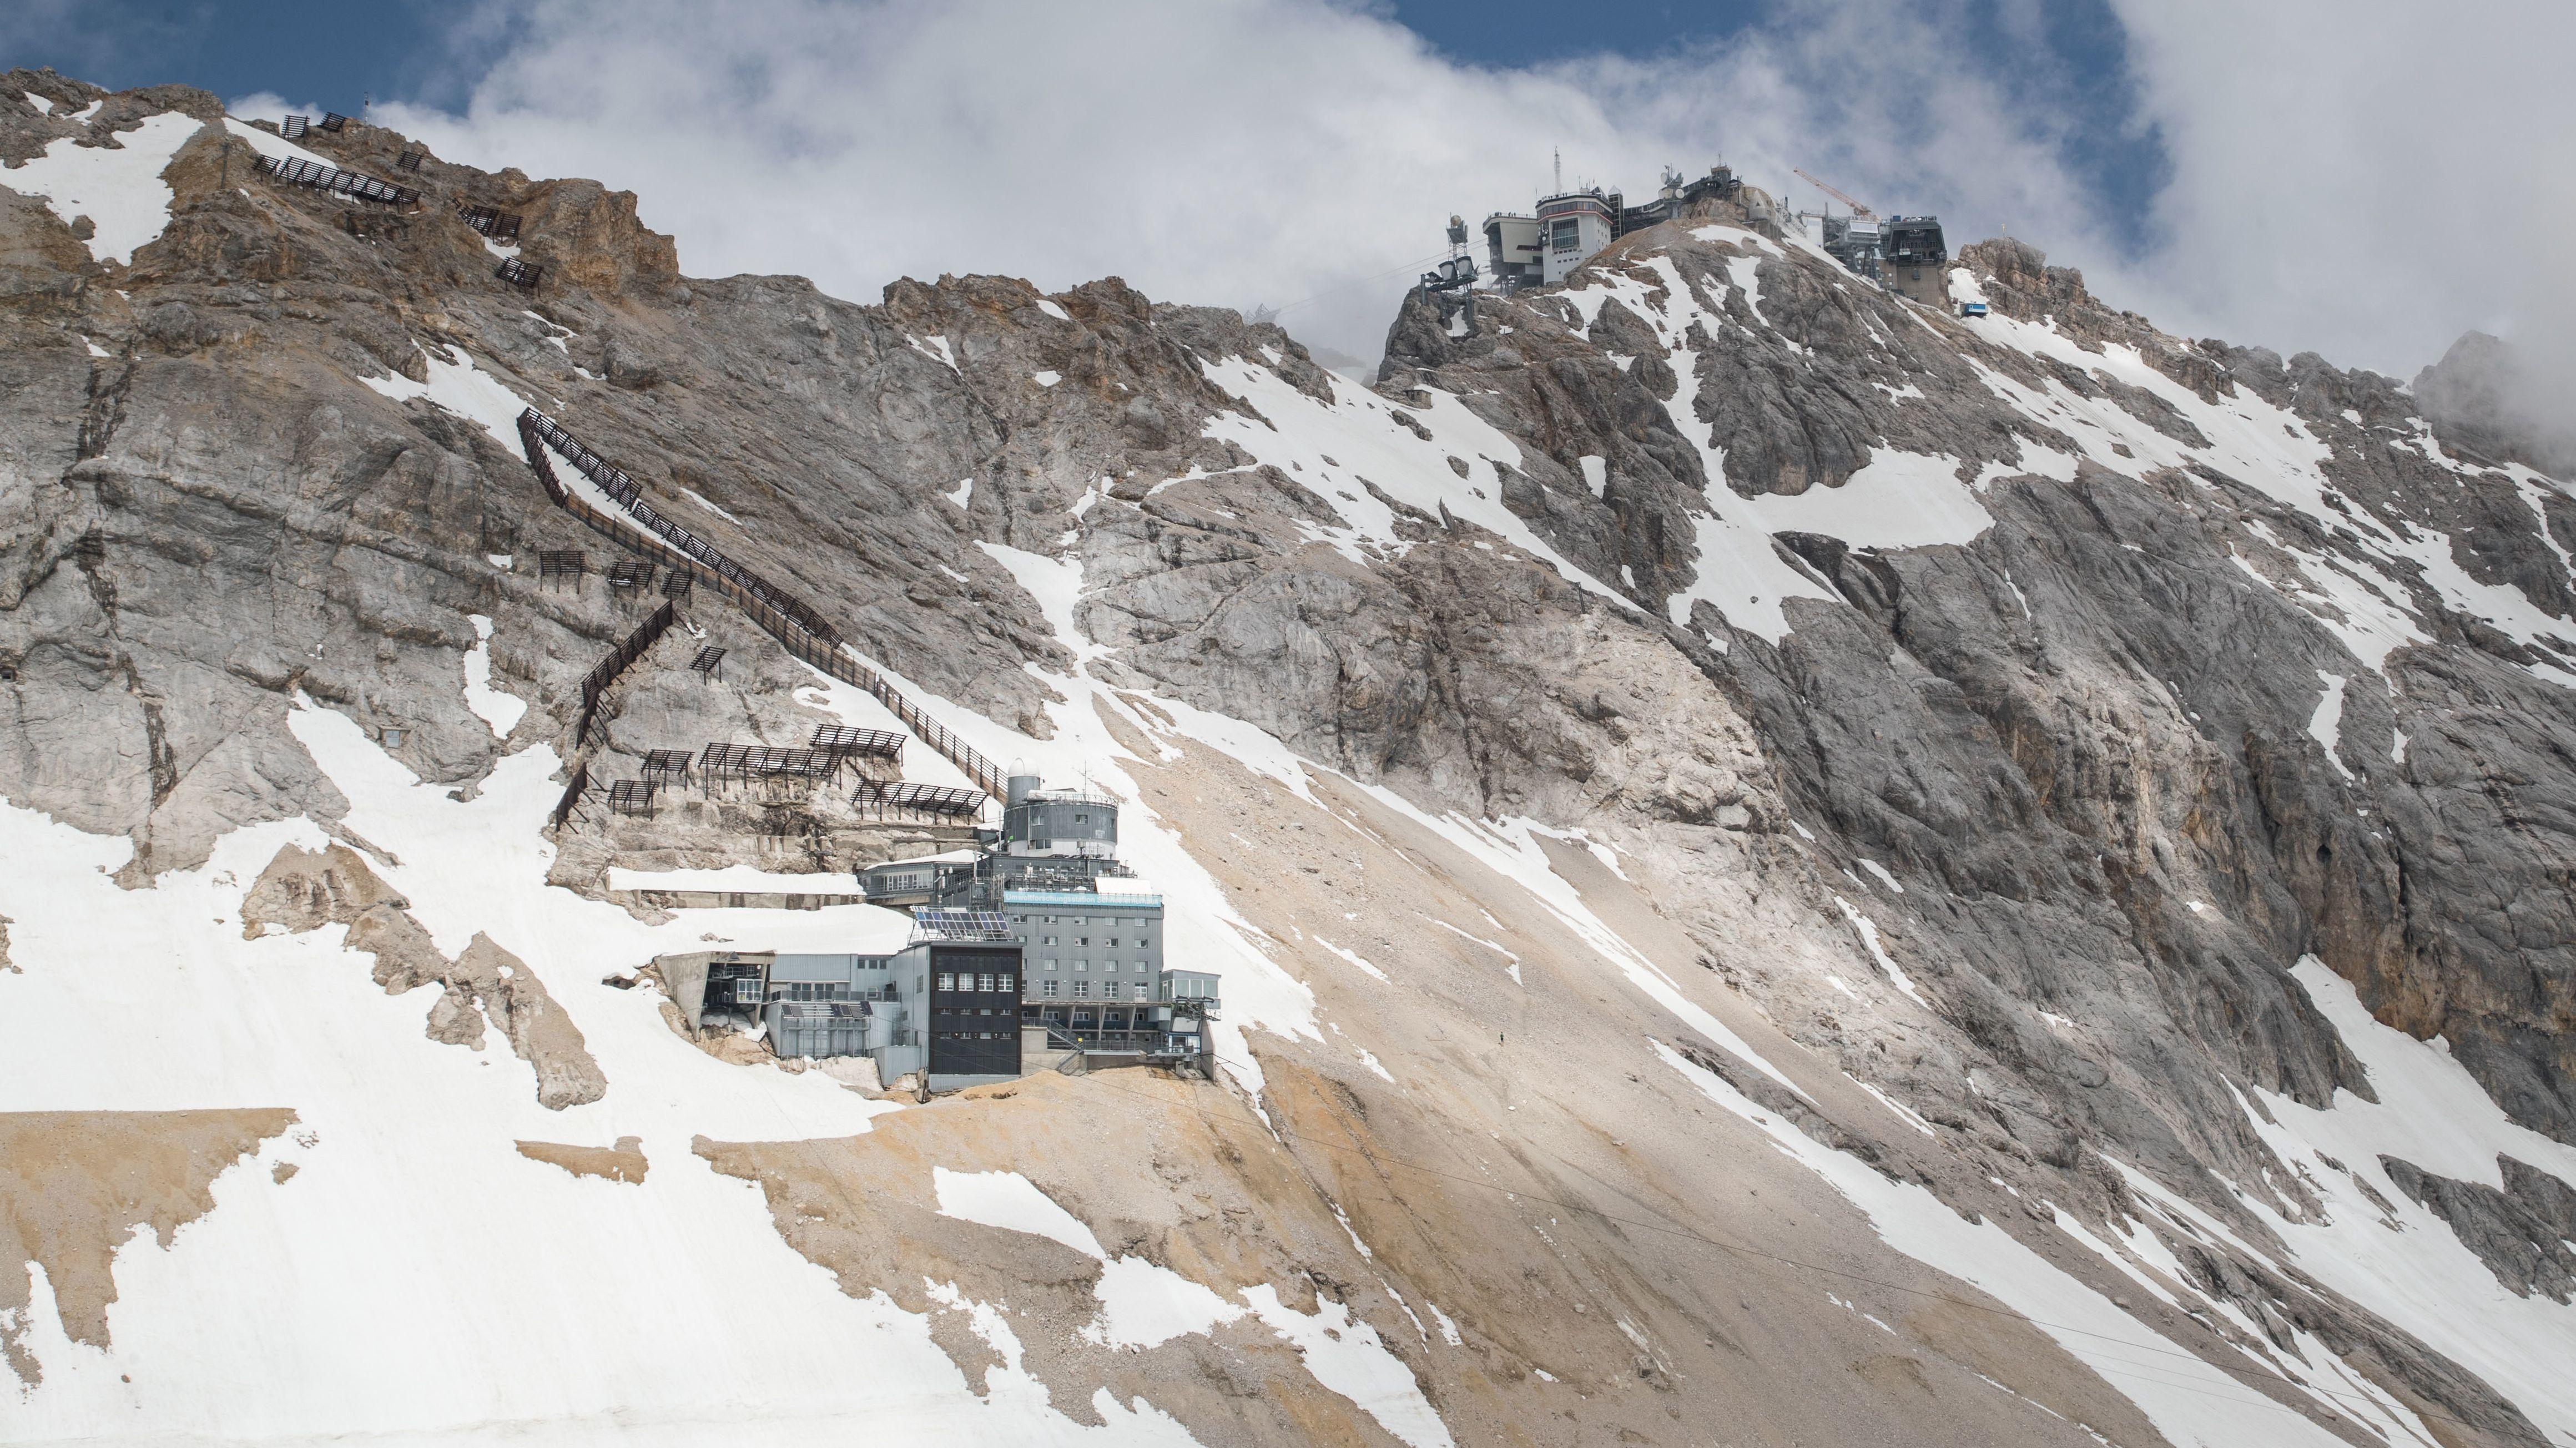 Das Schneefernerhaus in den Alpen